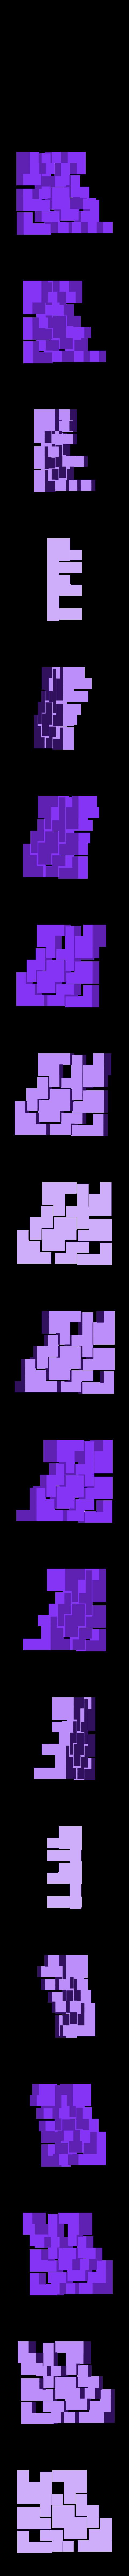 mini_puzzlecube_all_pieces_ready_for_printing.stl Télécharger fichier STL gratuit Mini Puzzle Cube Impossible • Objet pour imprimante 3D, Balkhagal4D